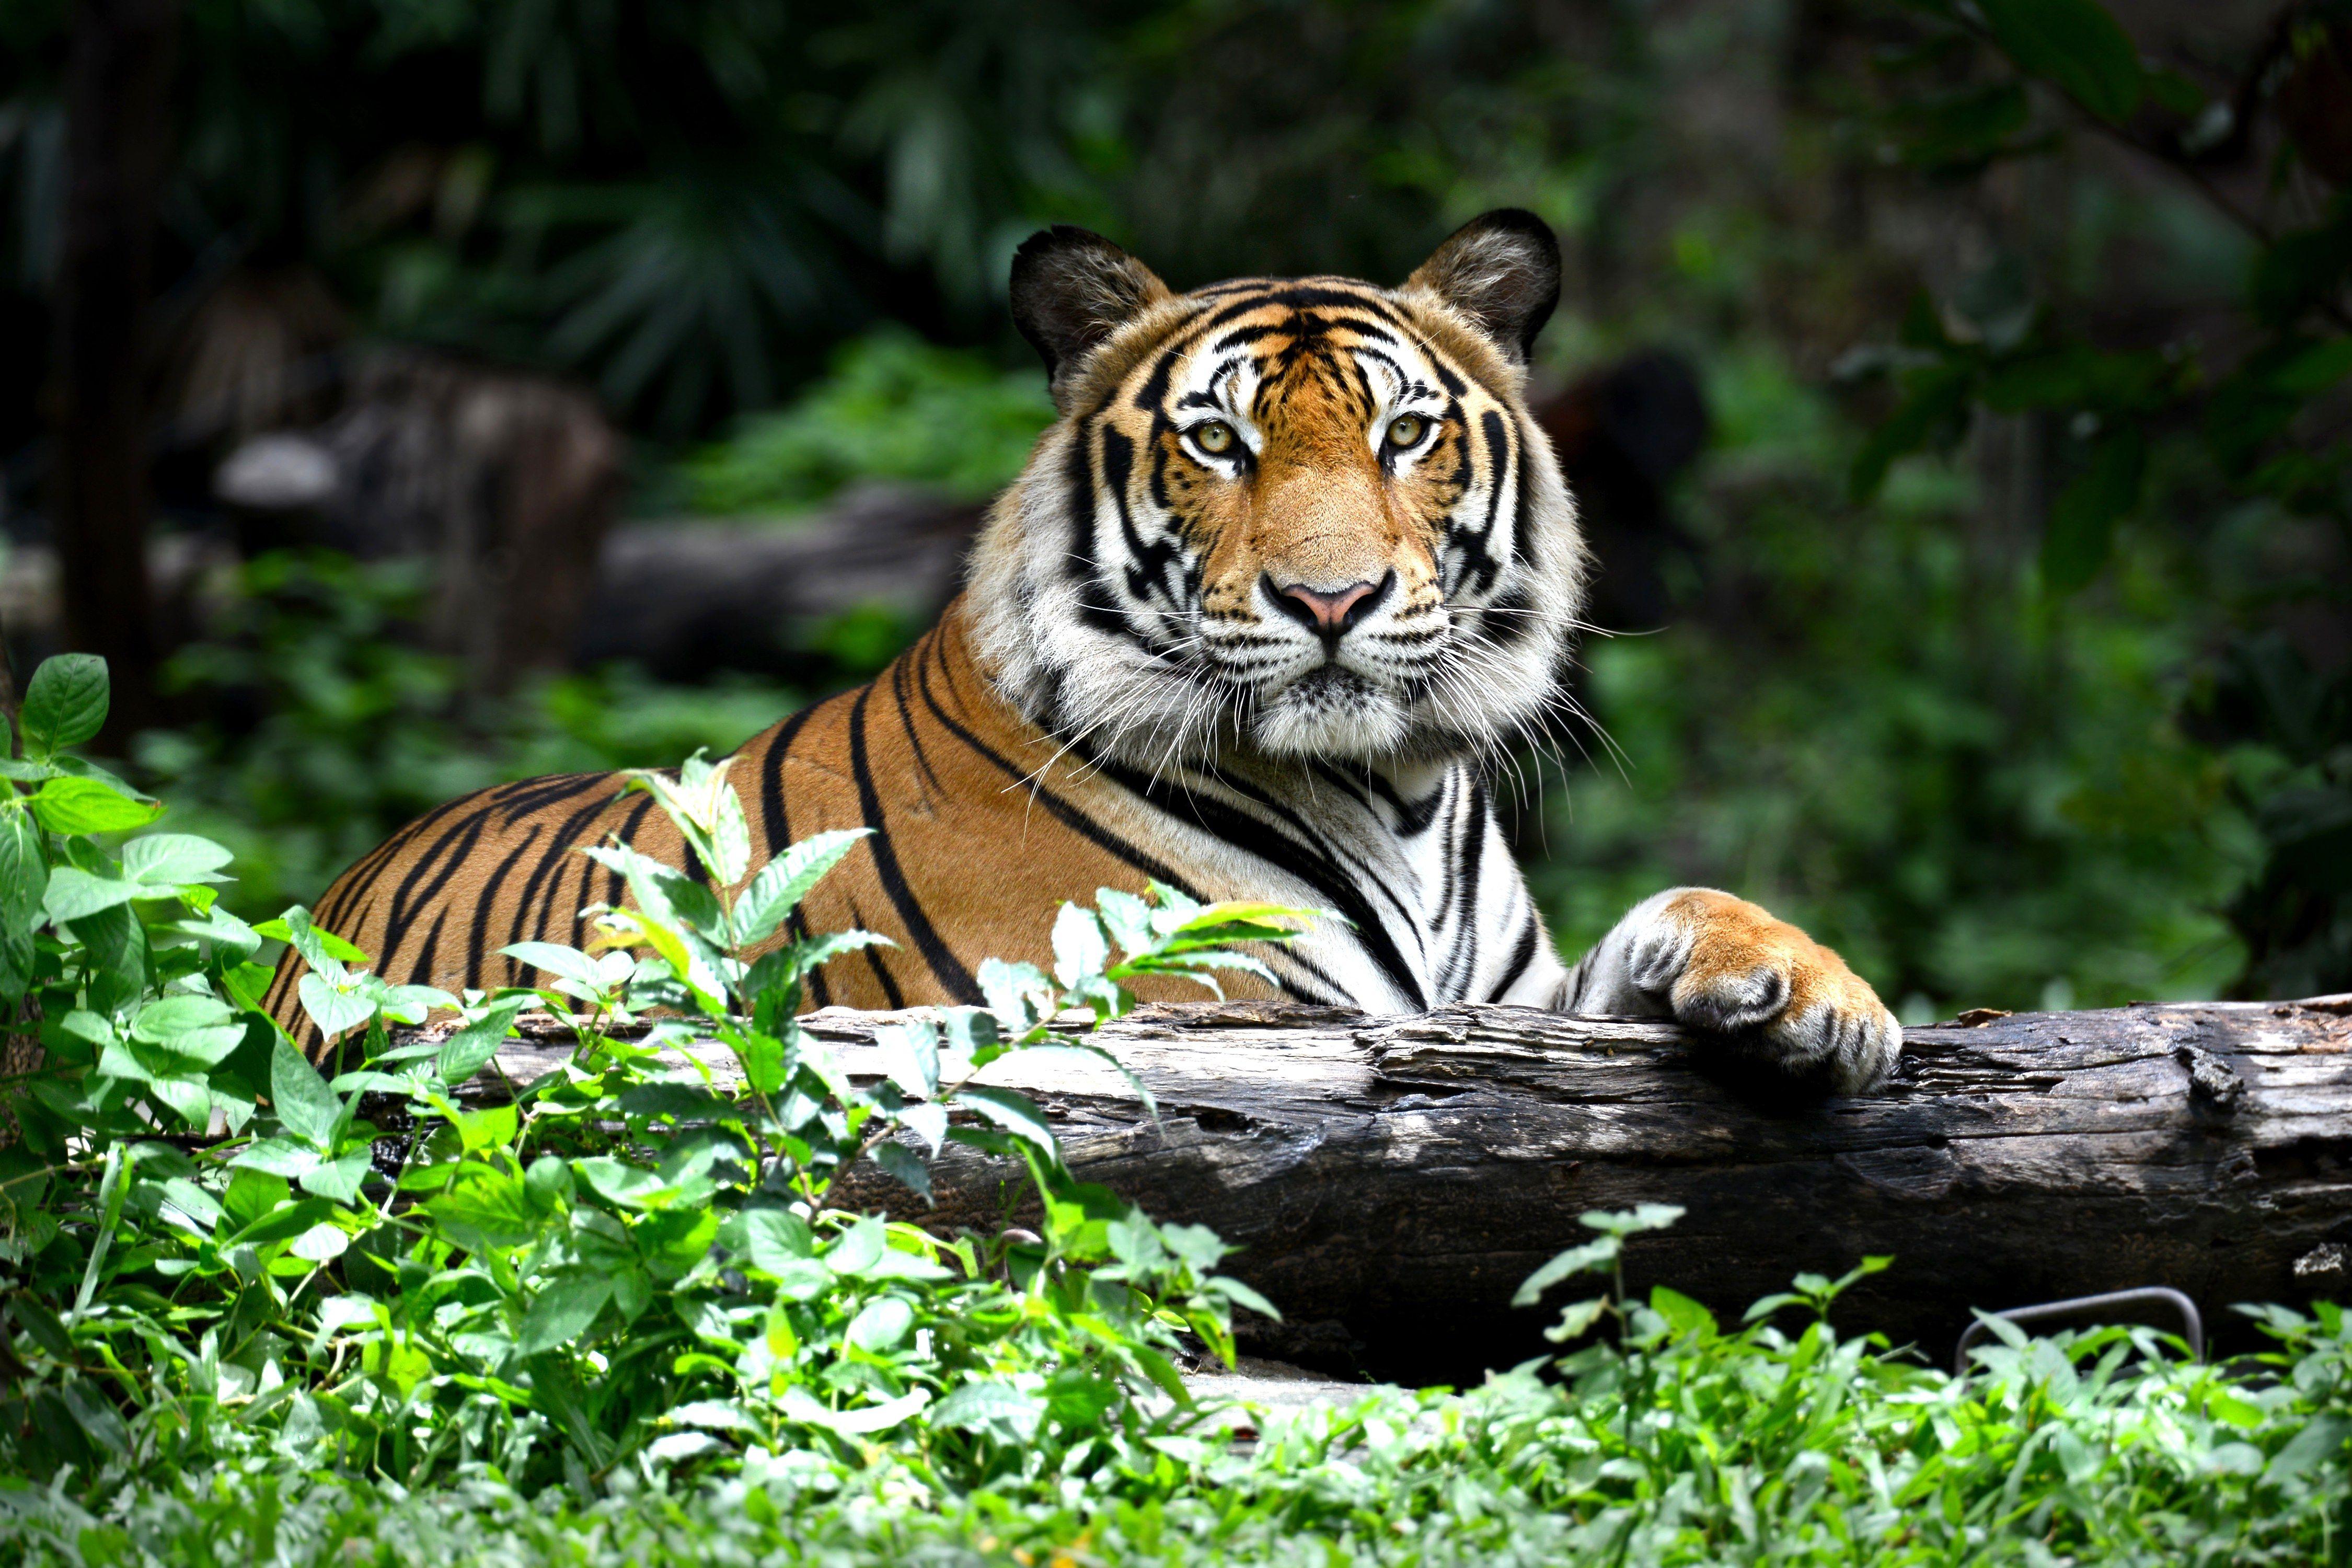 Around Us Ειδήσεις Tiger conservation, Wild tiger